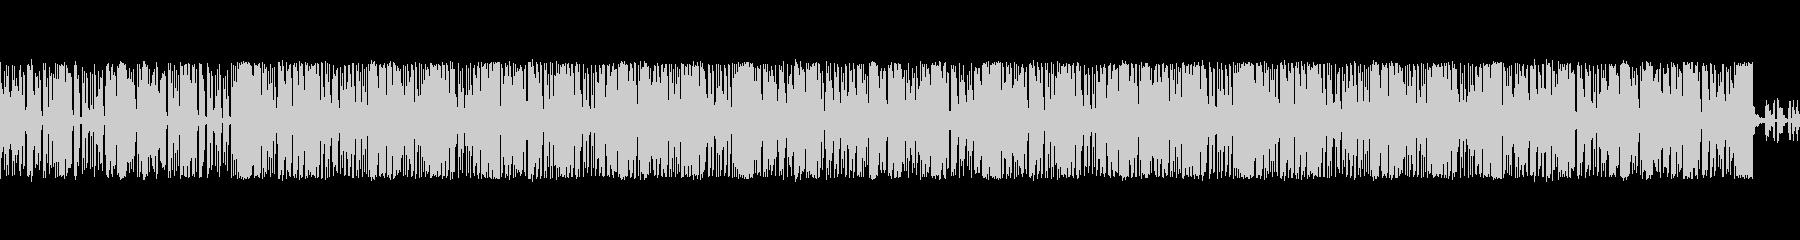 このインストゥルメンタルは、ipa...の未再生の波形